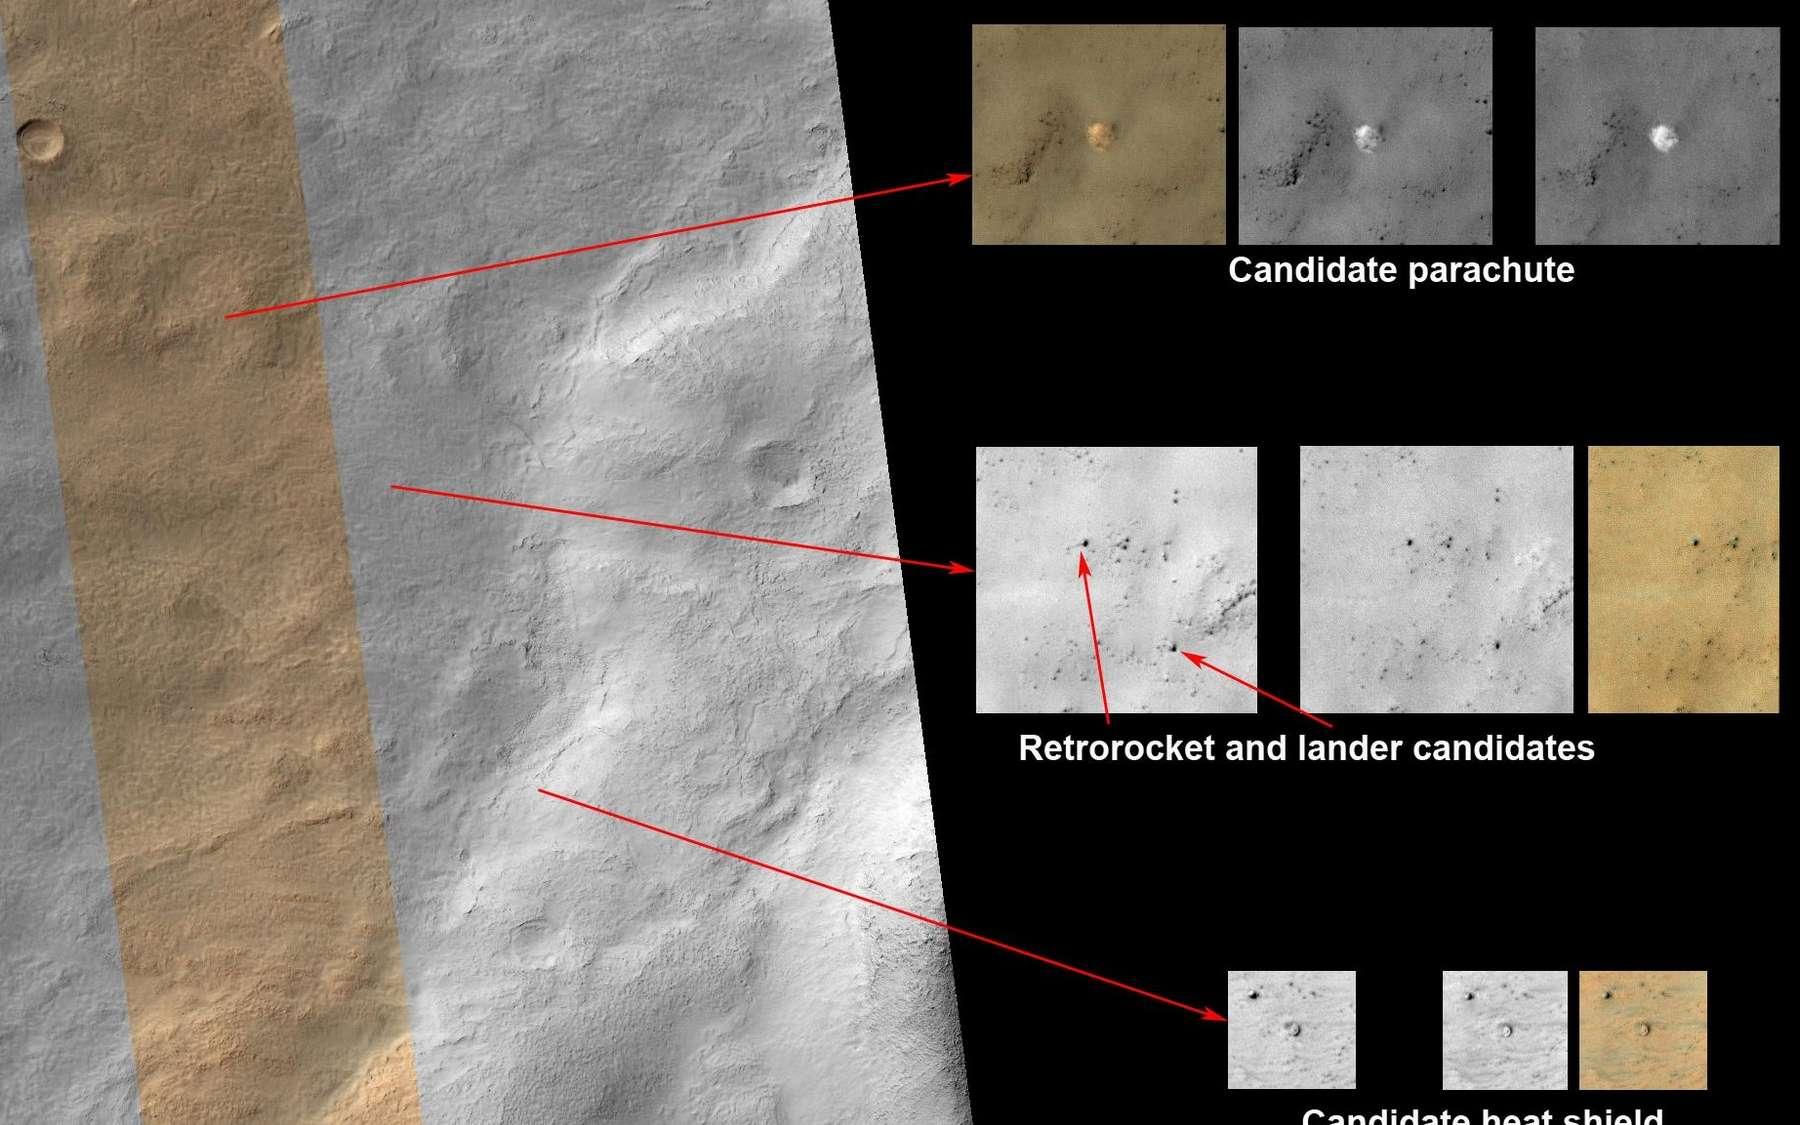 Photographié en haute résolution par l'orbiteur MRO, le fond du cratère martien Ptolémée révèle des irrégularités que des passionnés d'astronautique russes ont associées avec les restes de la mission soviétique Mars 3, qui posa pour la première fois un engin terrestre sur la Planète rouge en 1971. © Nasa, JPL-Caltech, université d'Arizona